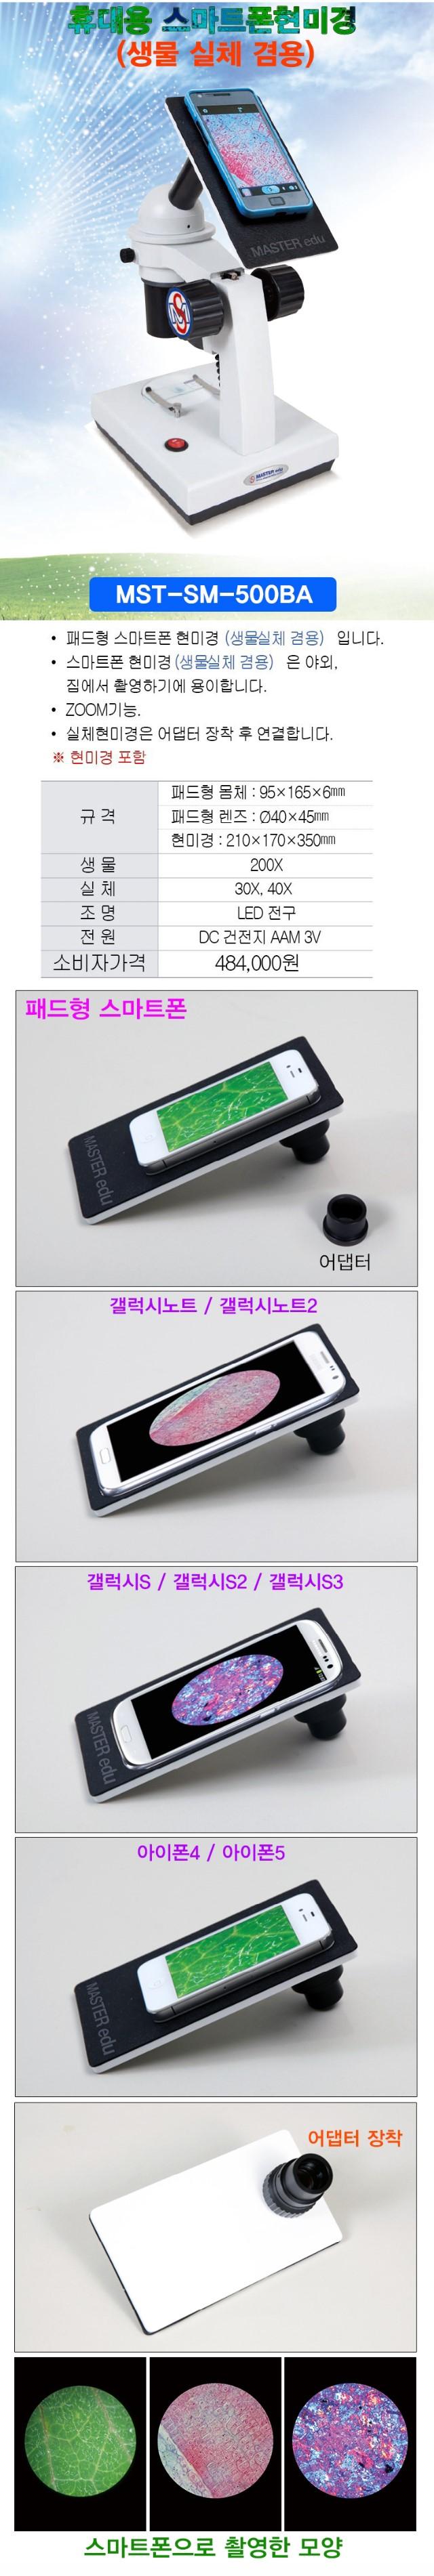 휴대용스마트폰현미경.jpg